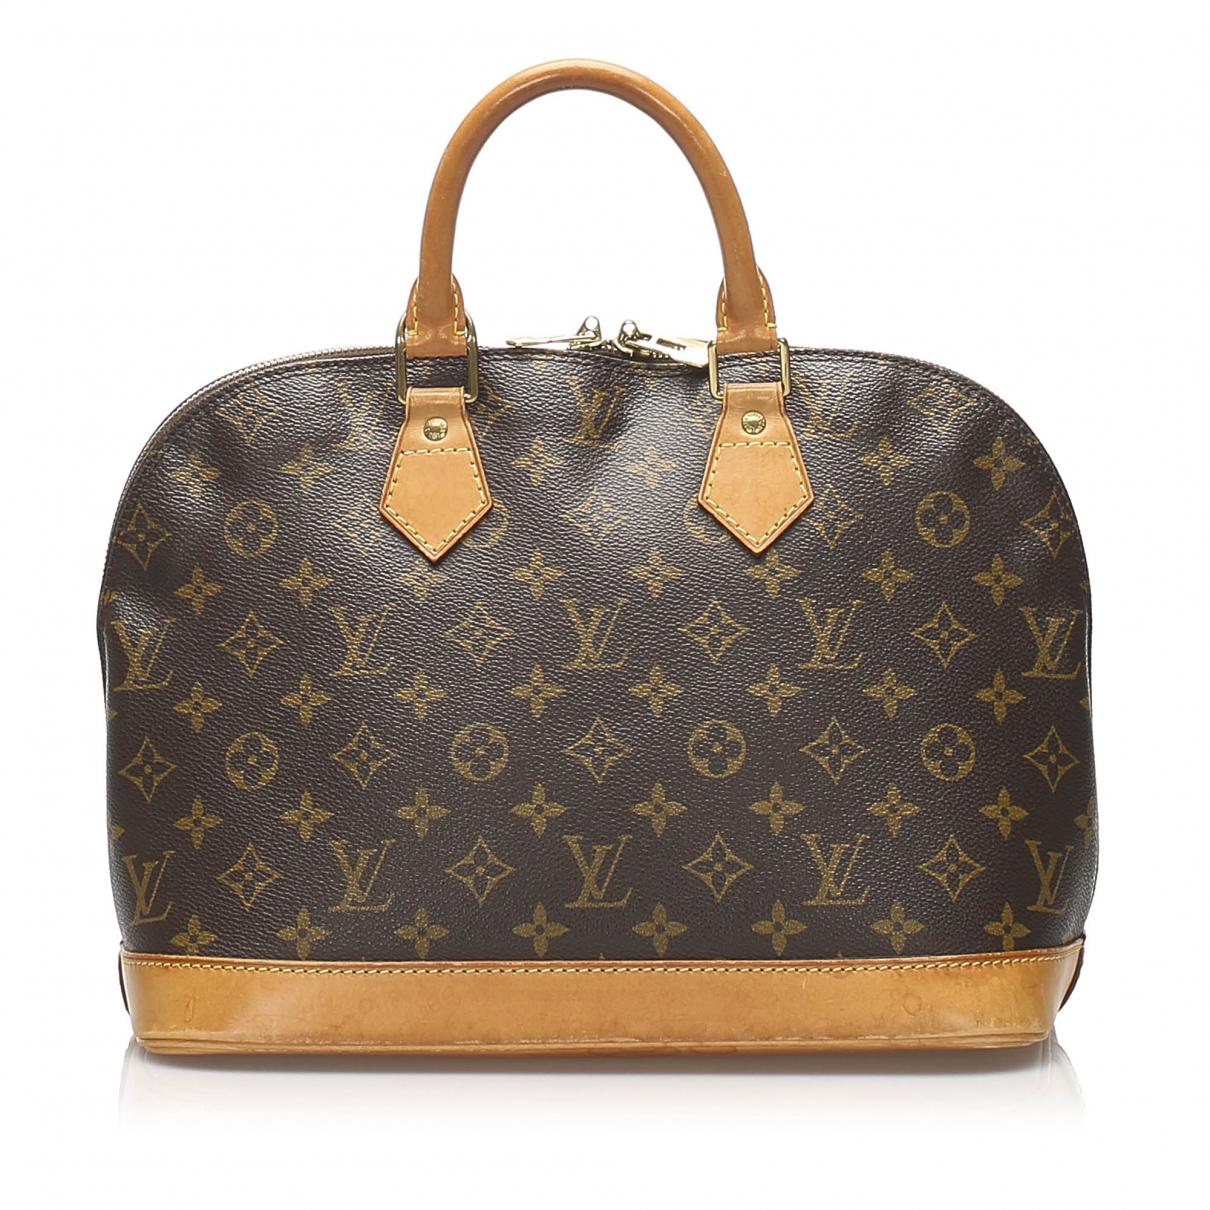 Louis Vuitton Alma Brown Cloth handbag for Women N